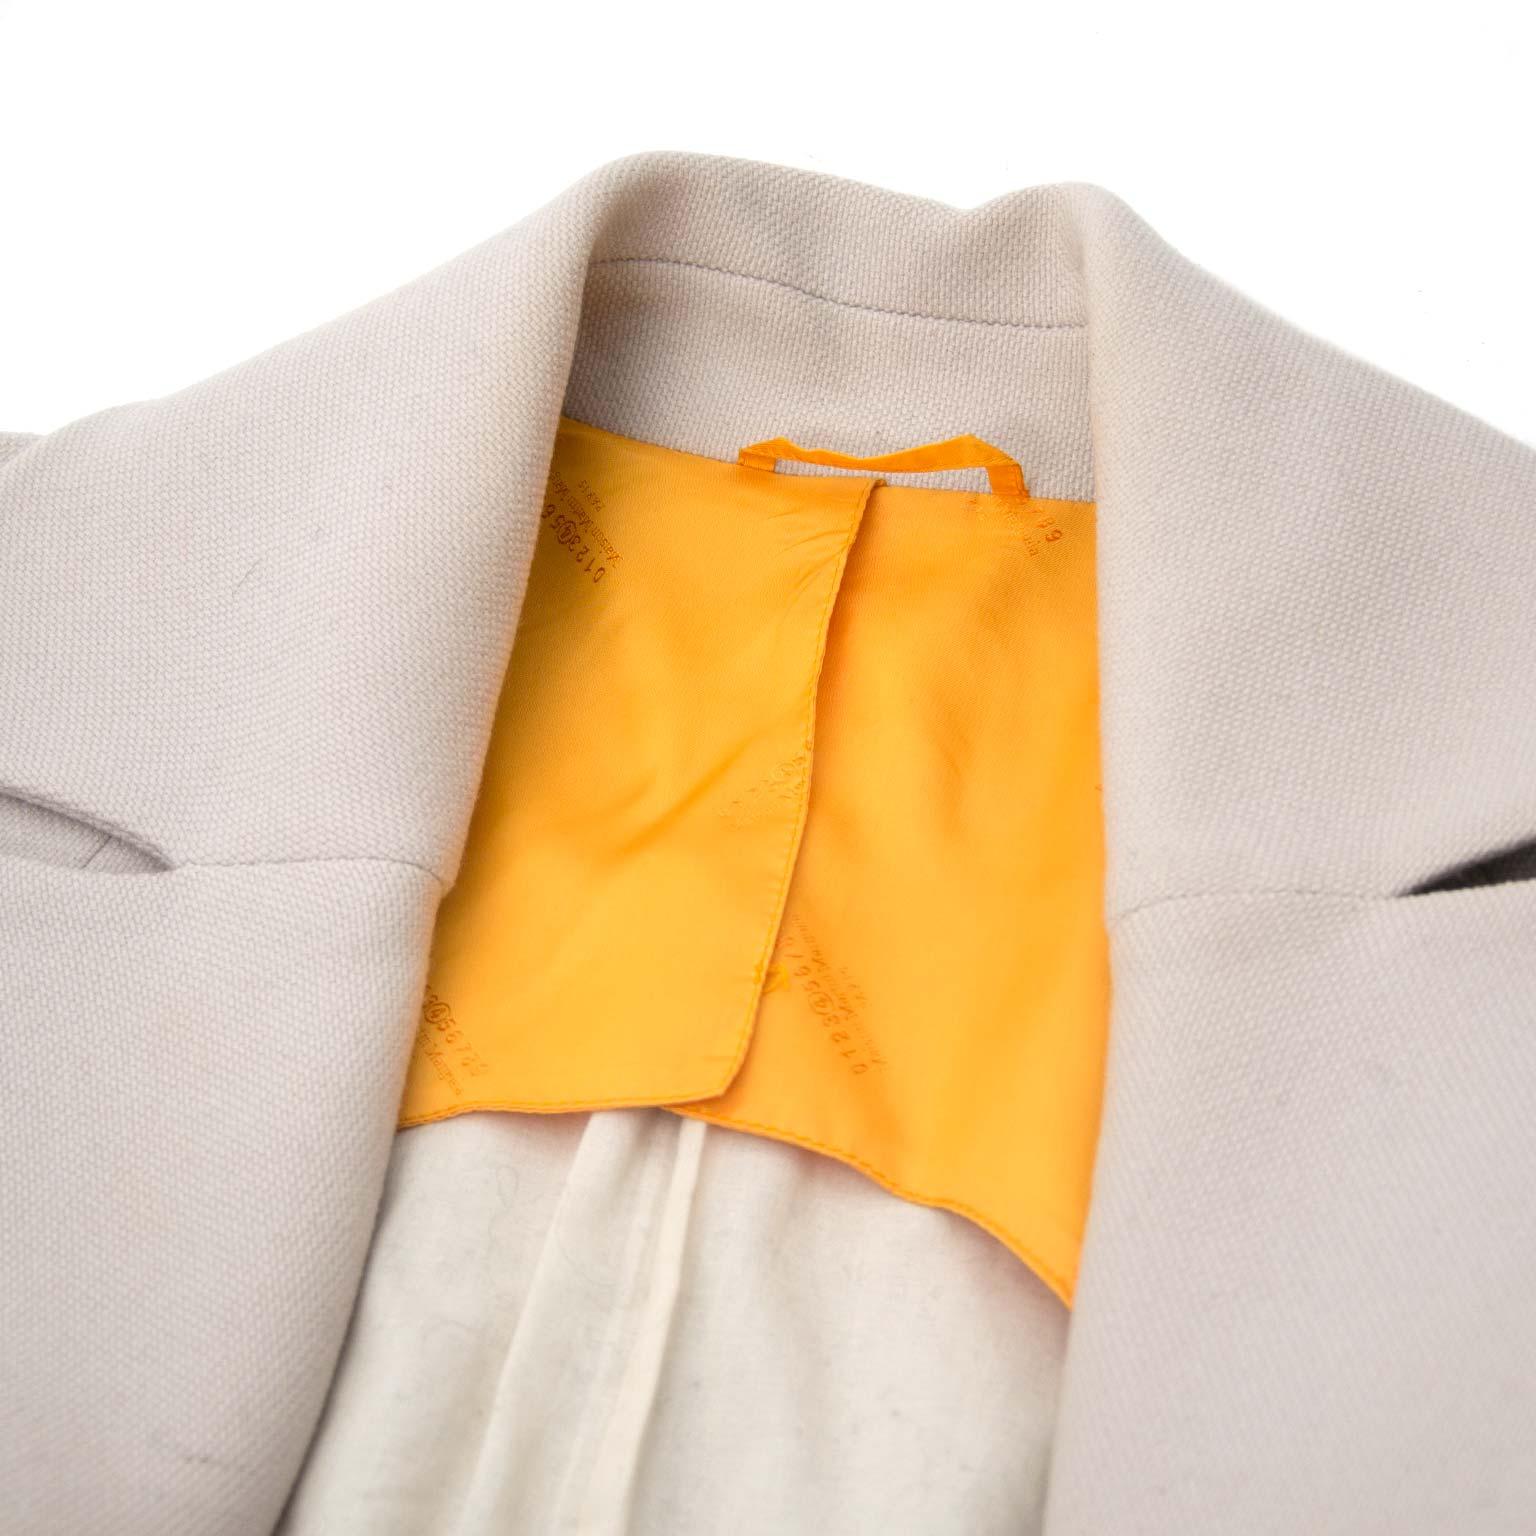 maison martin margiela beige jas nu te koop bij labellov.com tegen de beste prijs